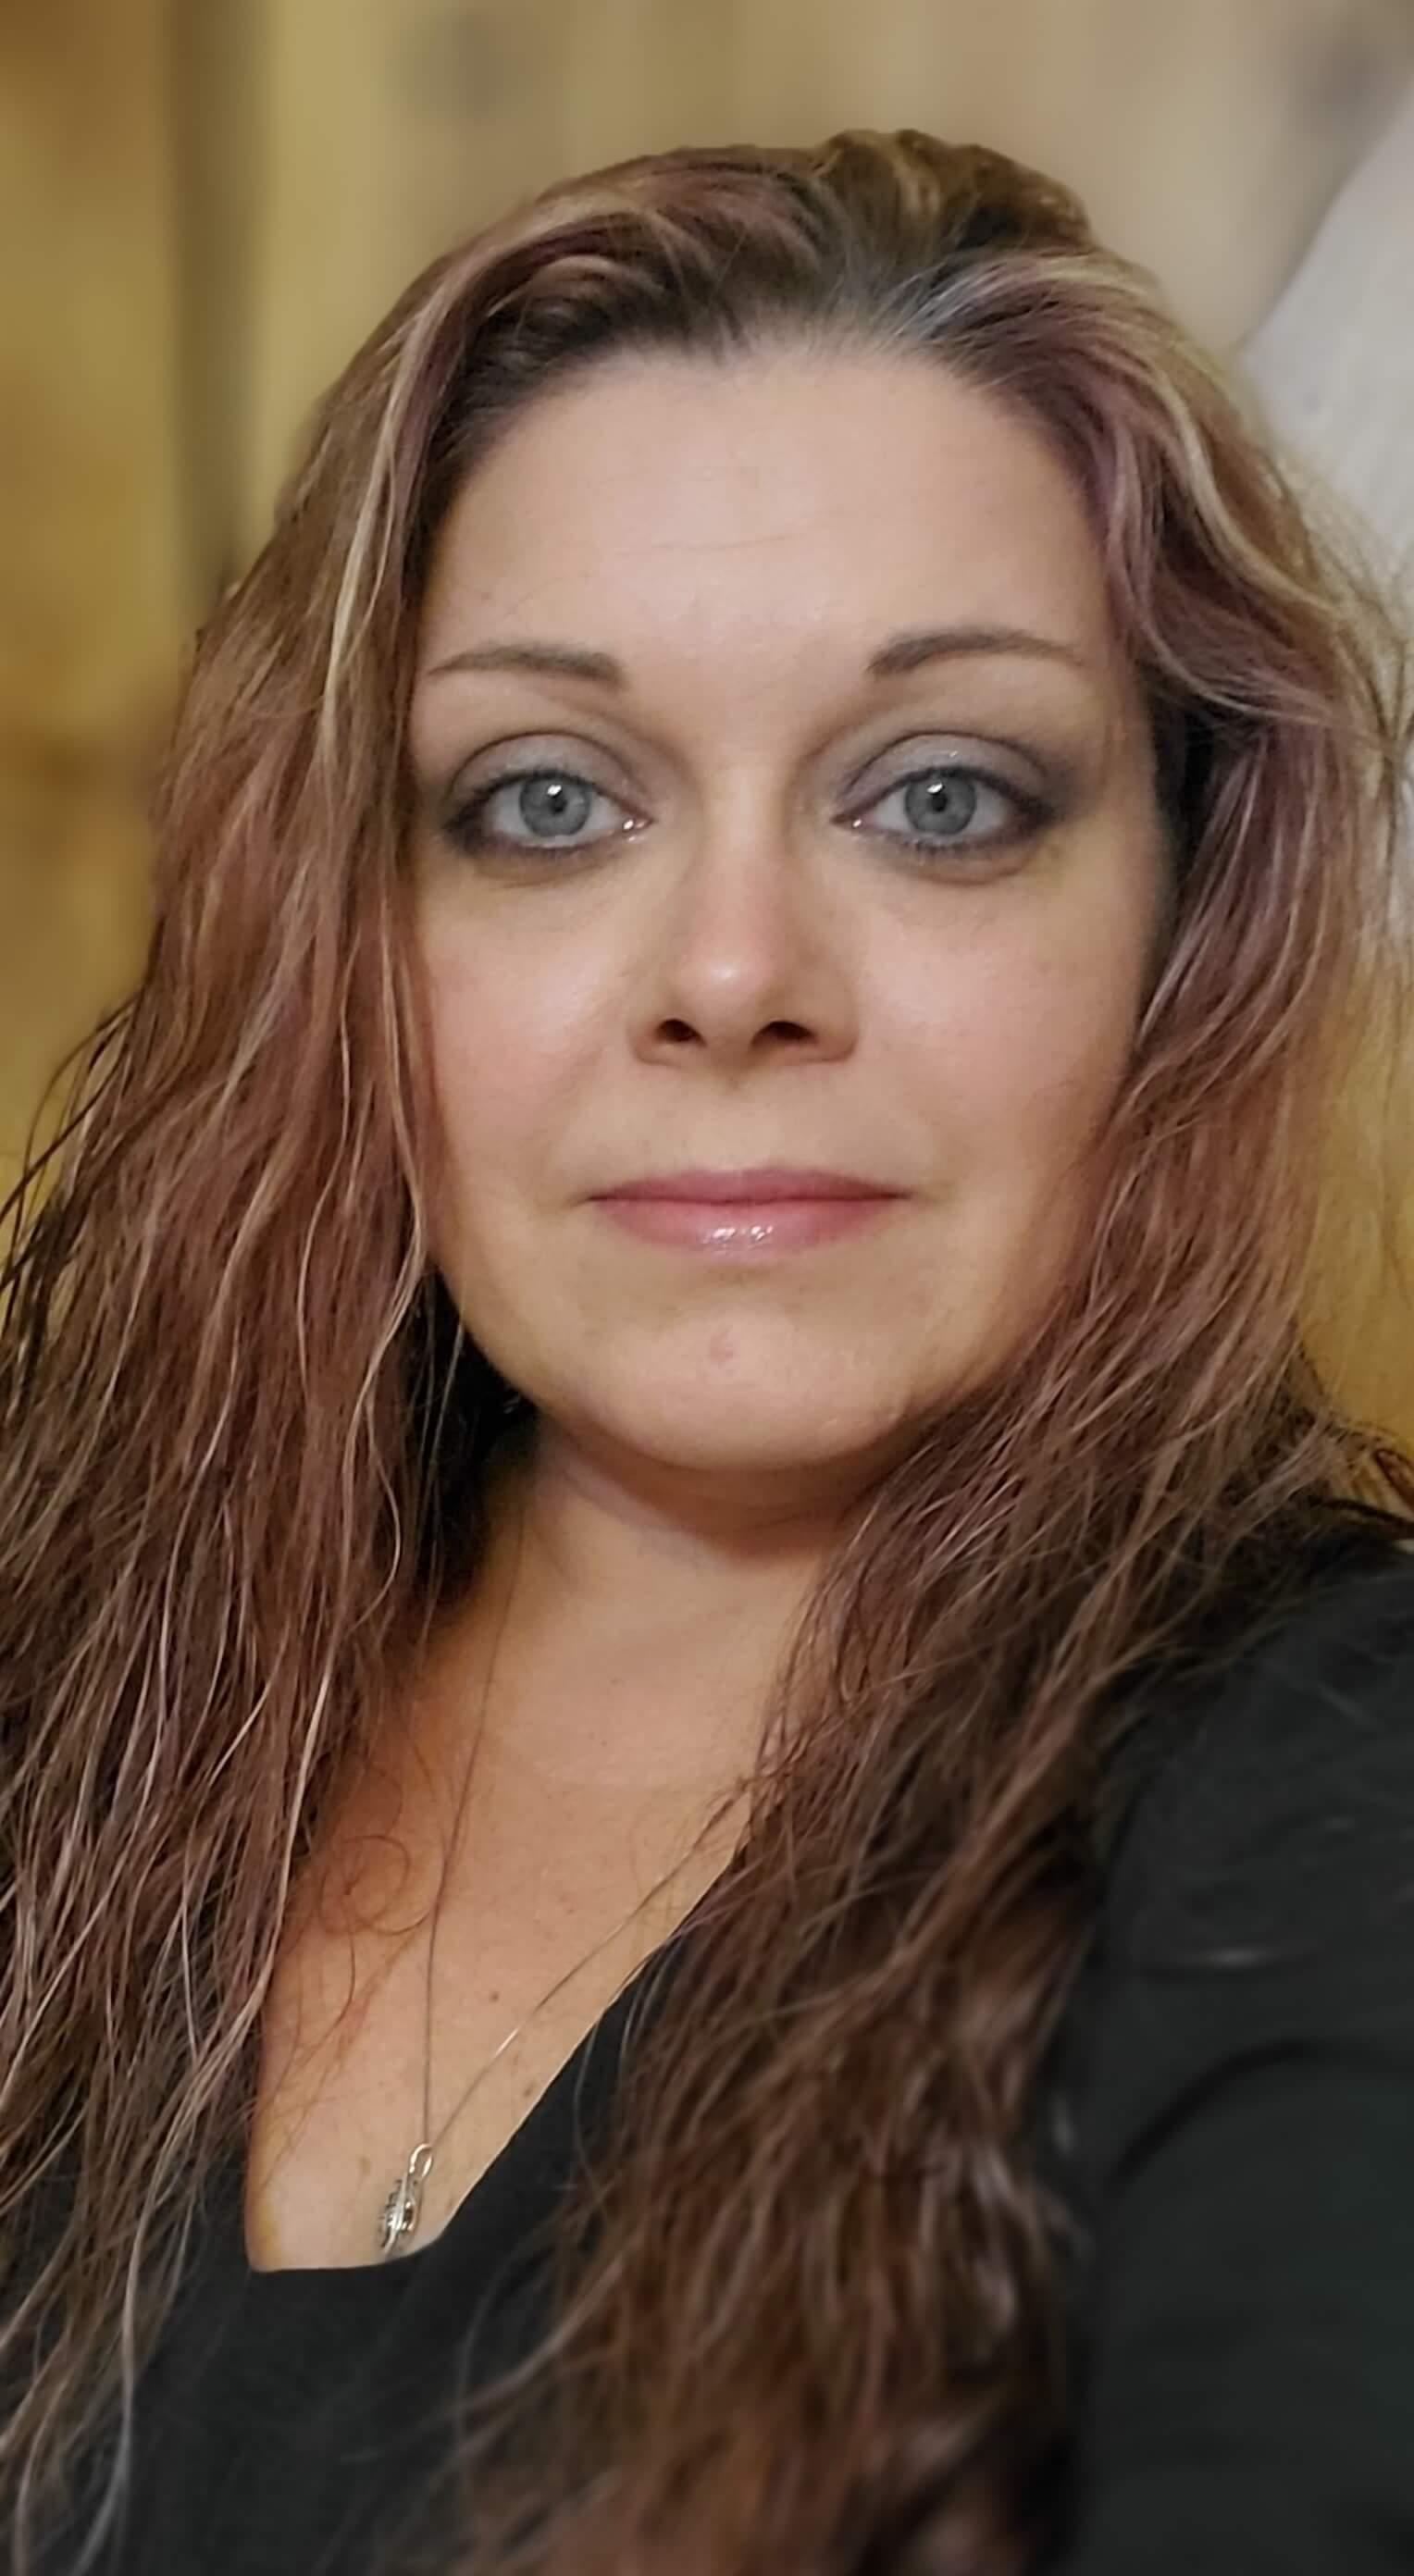 Tasha Gowin